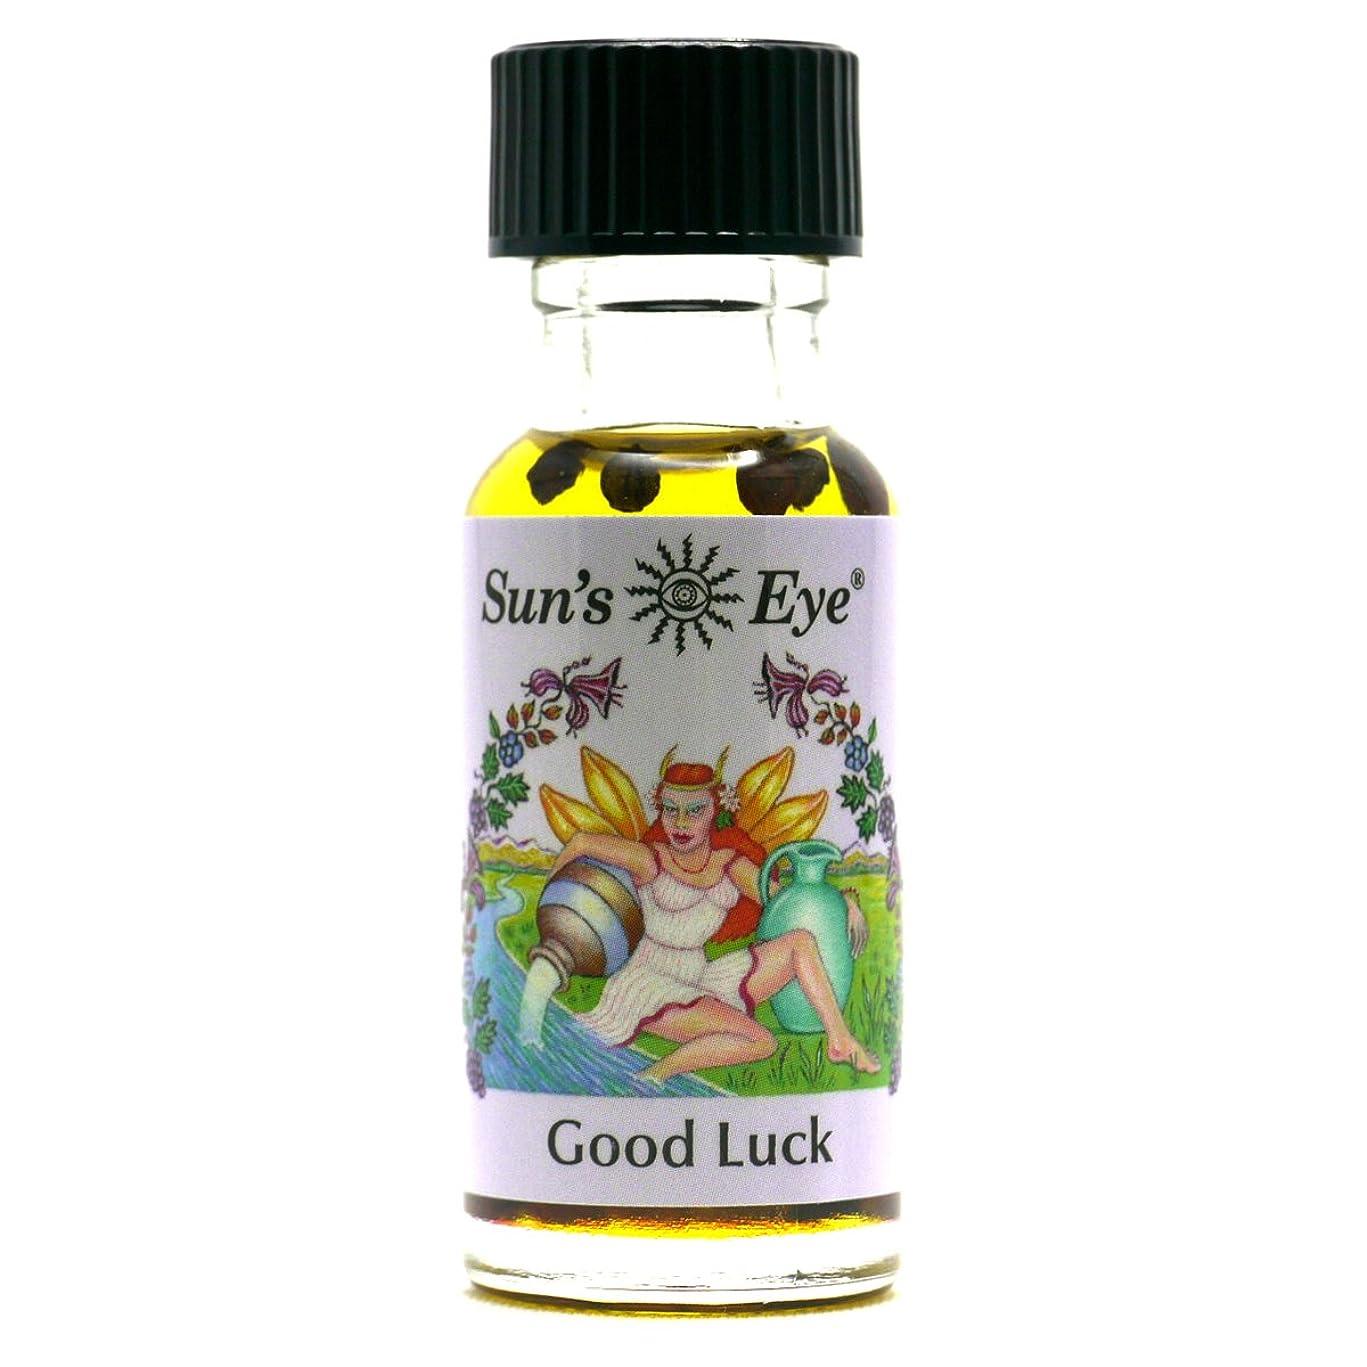 贅沢なパキスタン病者【Sun'sEye サンズアイ】Mystic Blends(ミスティックブレンドオイル)Good Luck(グッドラック 幸運)